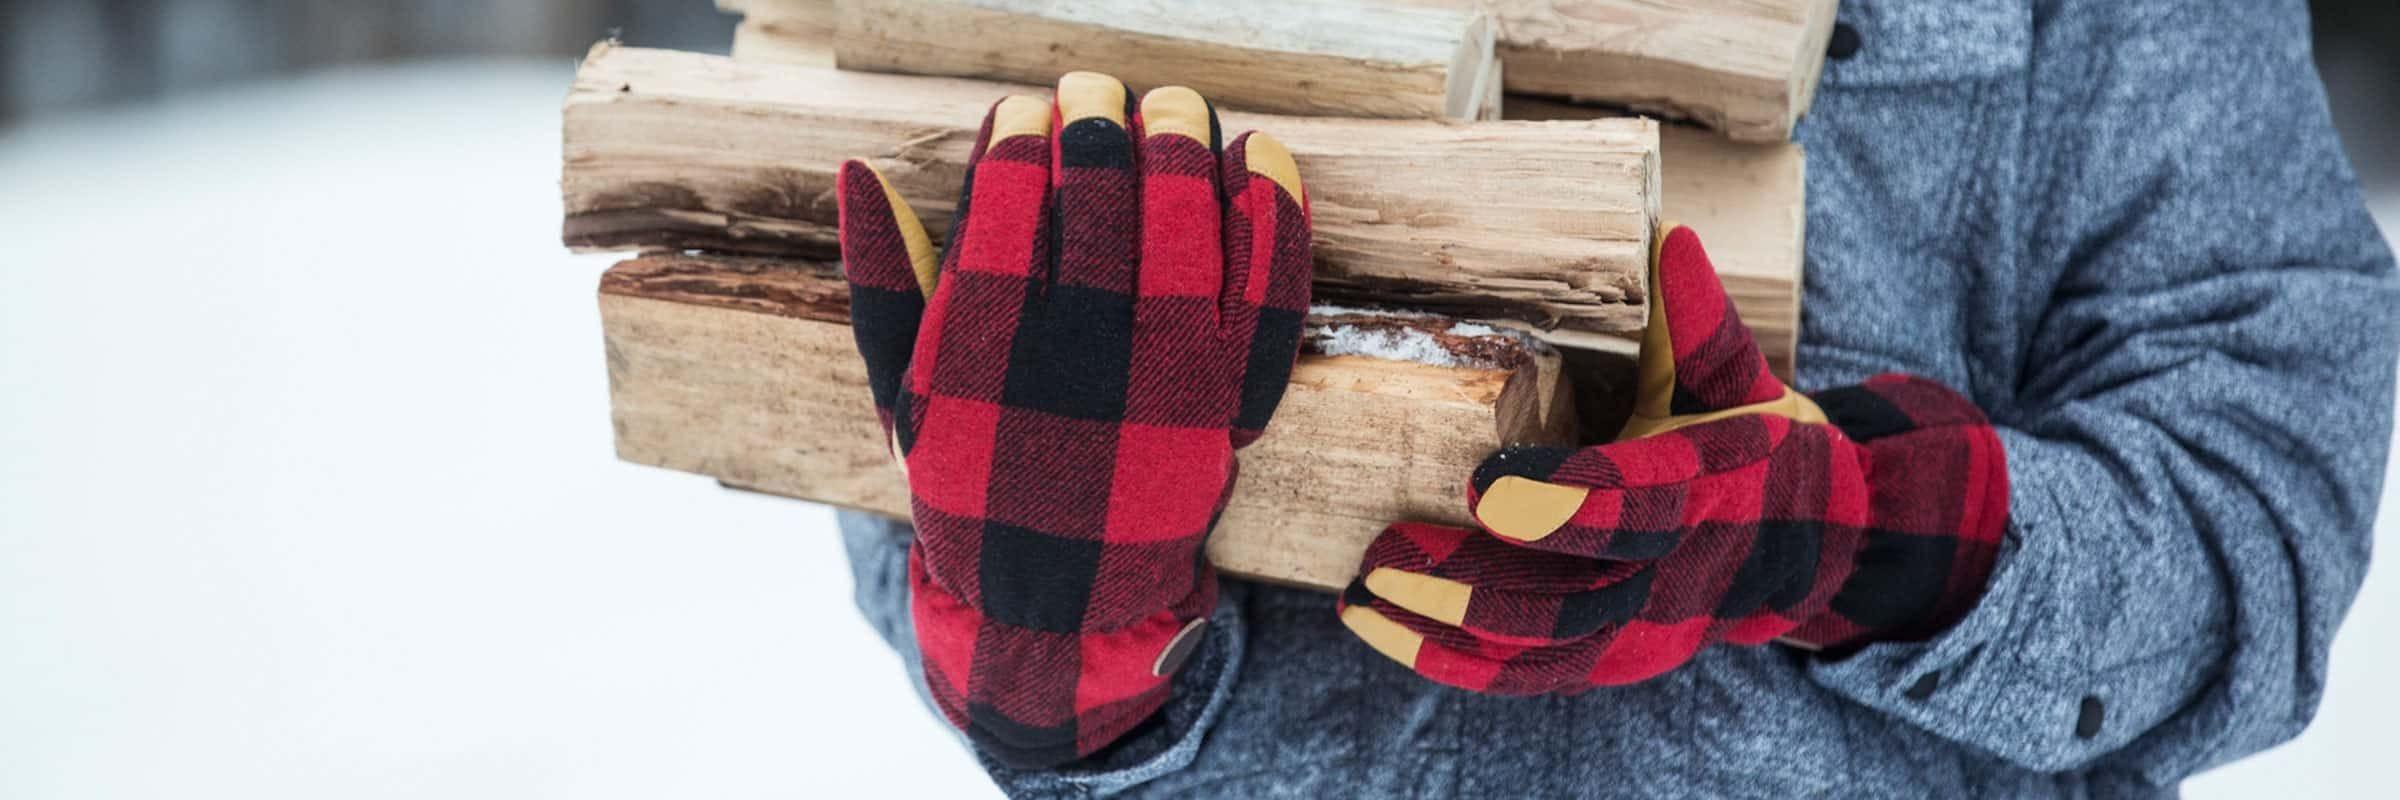 Kombi: gants et mitaines pour la ville ou l'aventure